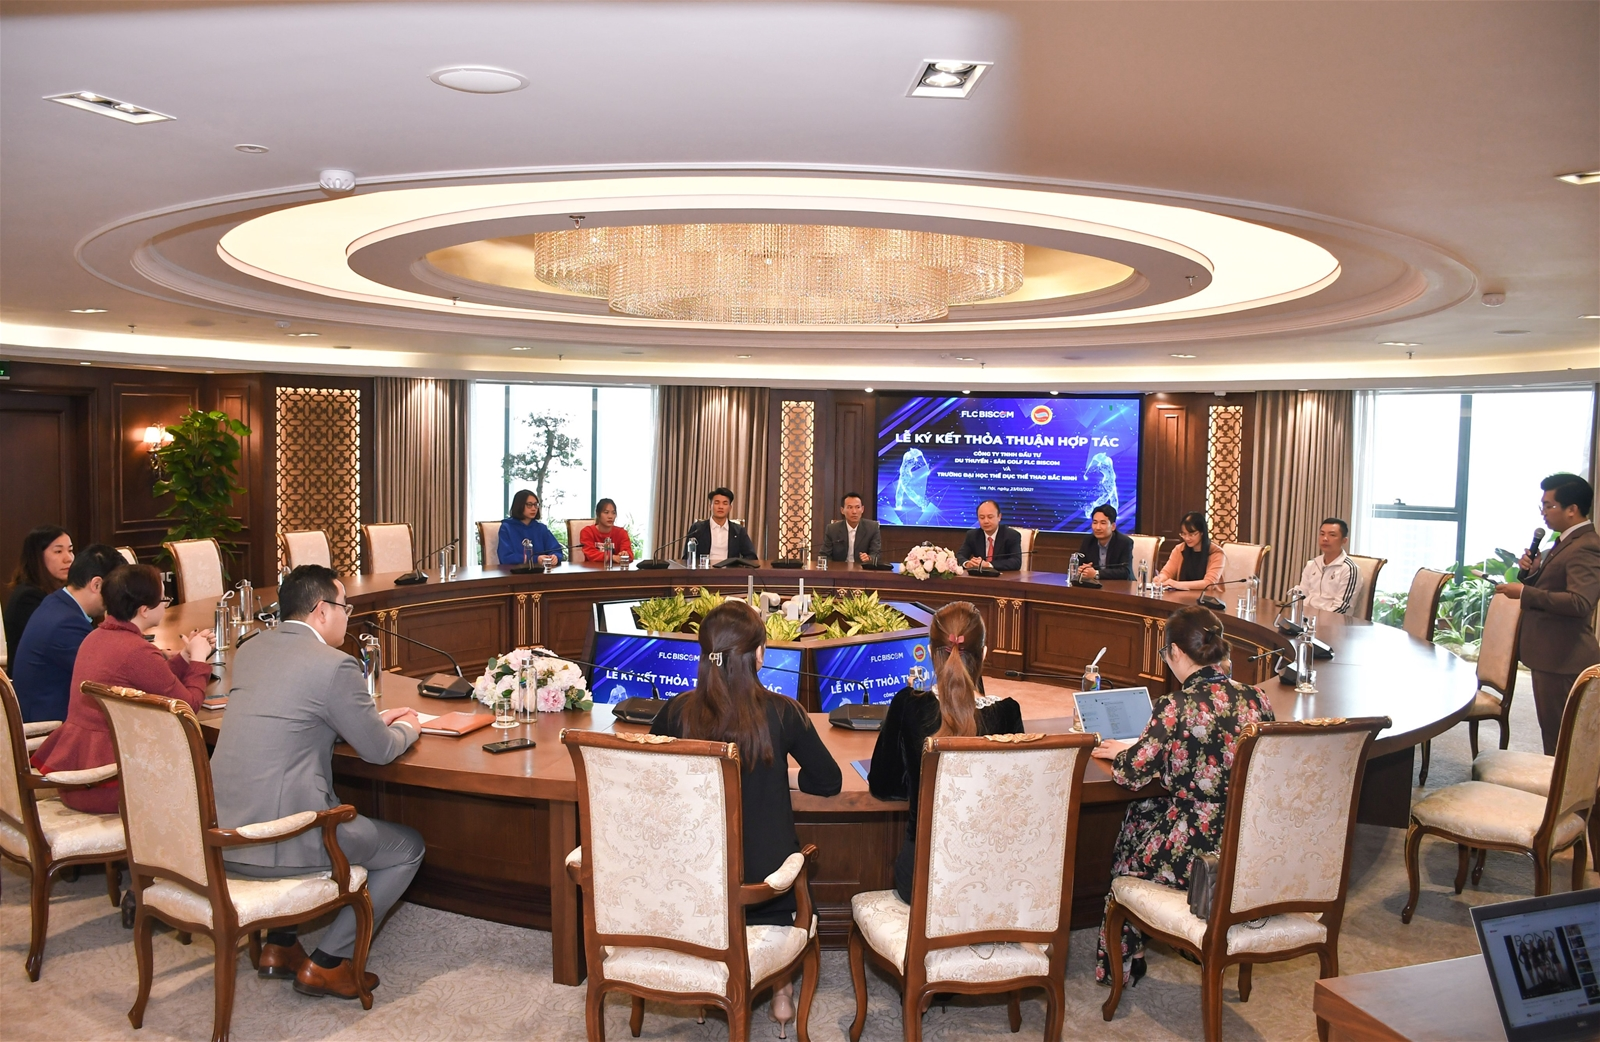 Trường Đại học TDTT Bắc Ninh ký kết thỏa thuận hợp tác với FLC Biscom  - Ảnh 2.